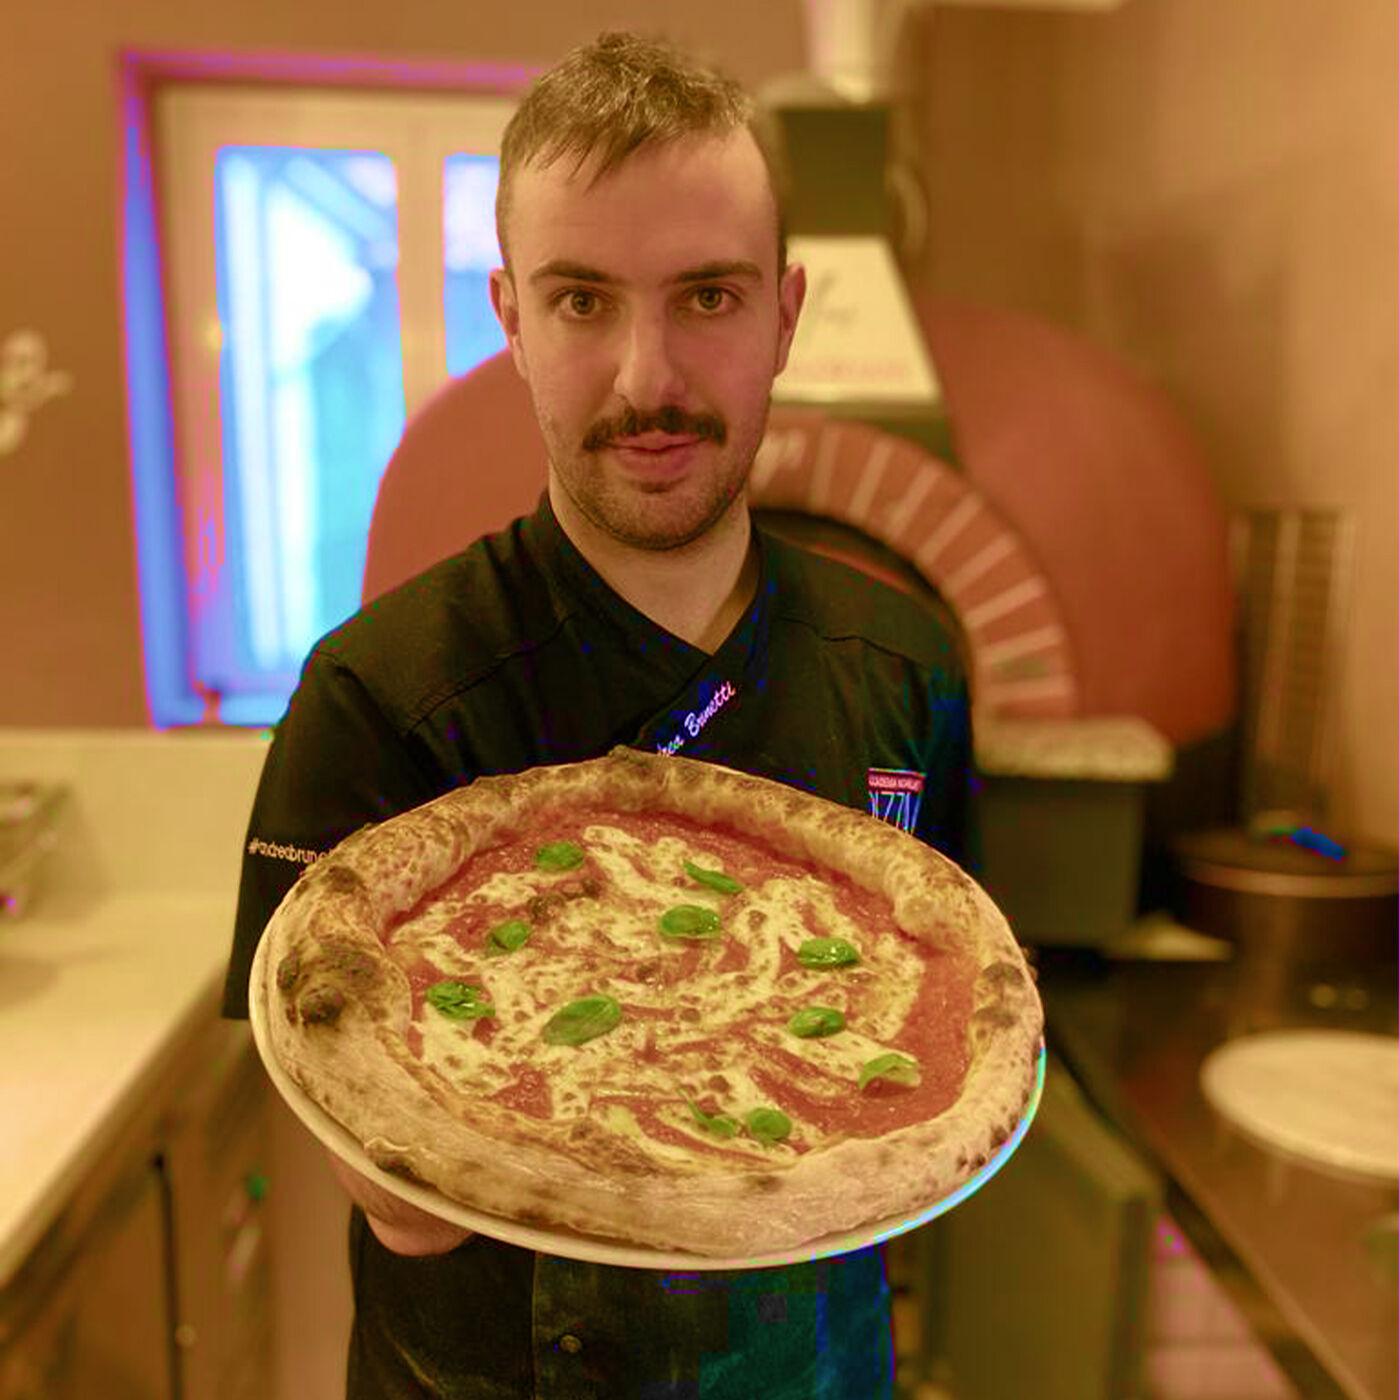 Andrea Brunetti: Giovane Pizza Chef, Imprenditore & Esteta della Pizza (ITALIAN)